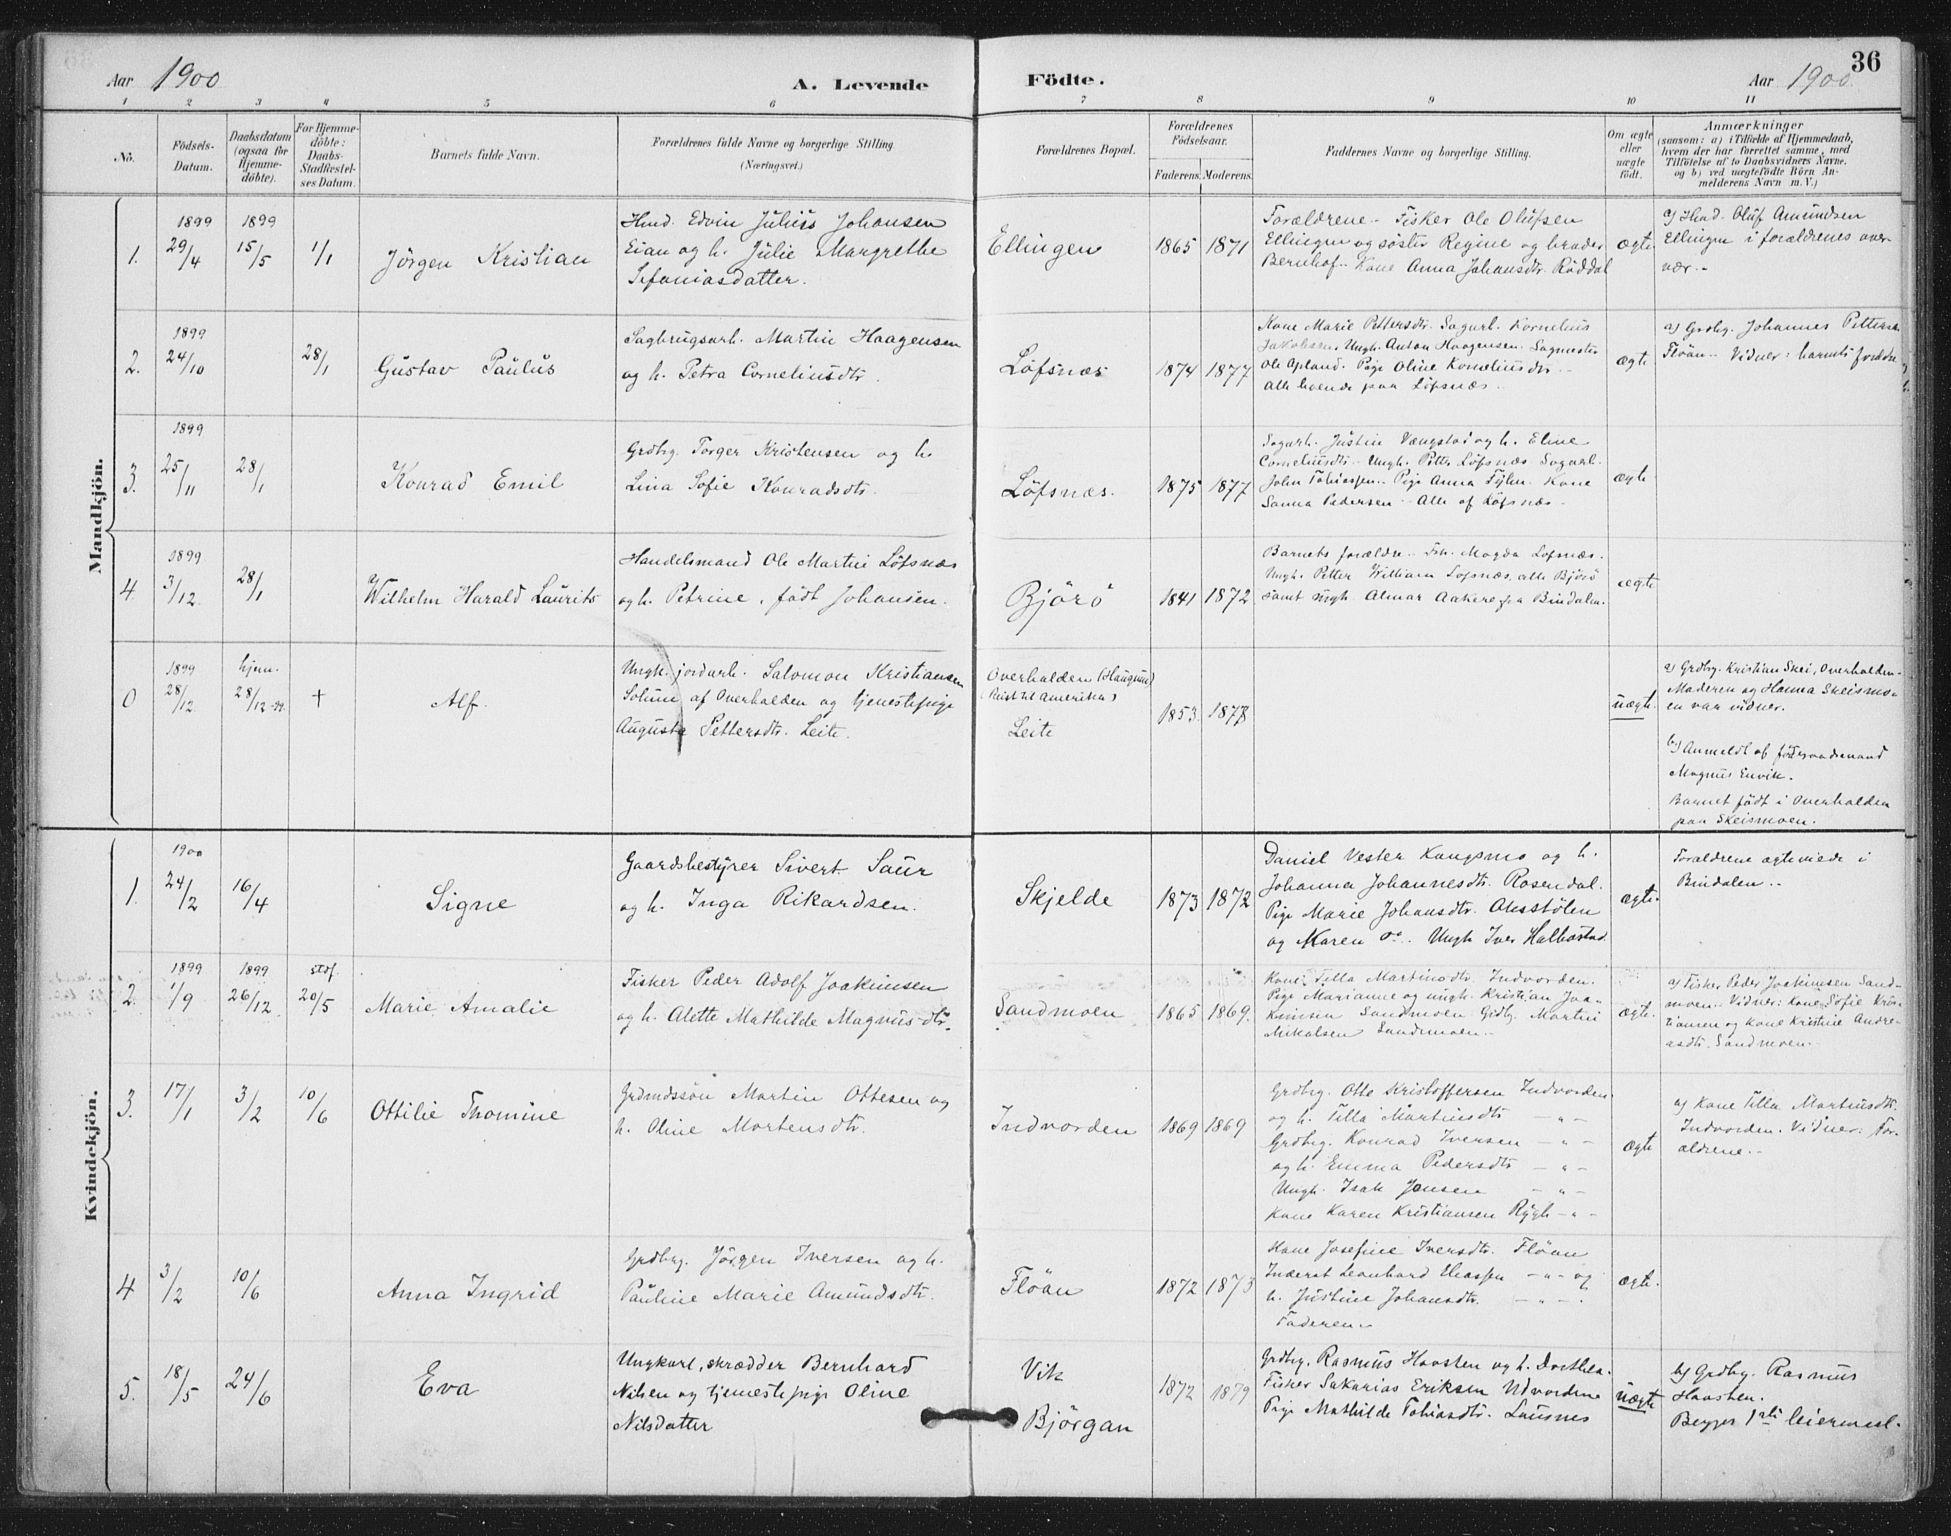 SAT, Ministerialprotokoller, klokkerbøker og fødselsregistre - Nord-Trøndelag, 772/L0603: Ministerialbok nr. 772A01, 1885-1912, s. 36